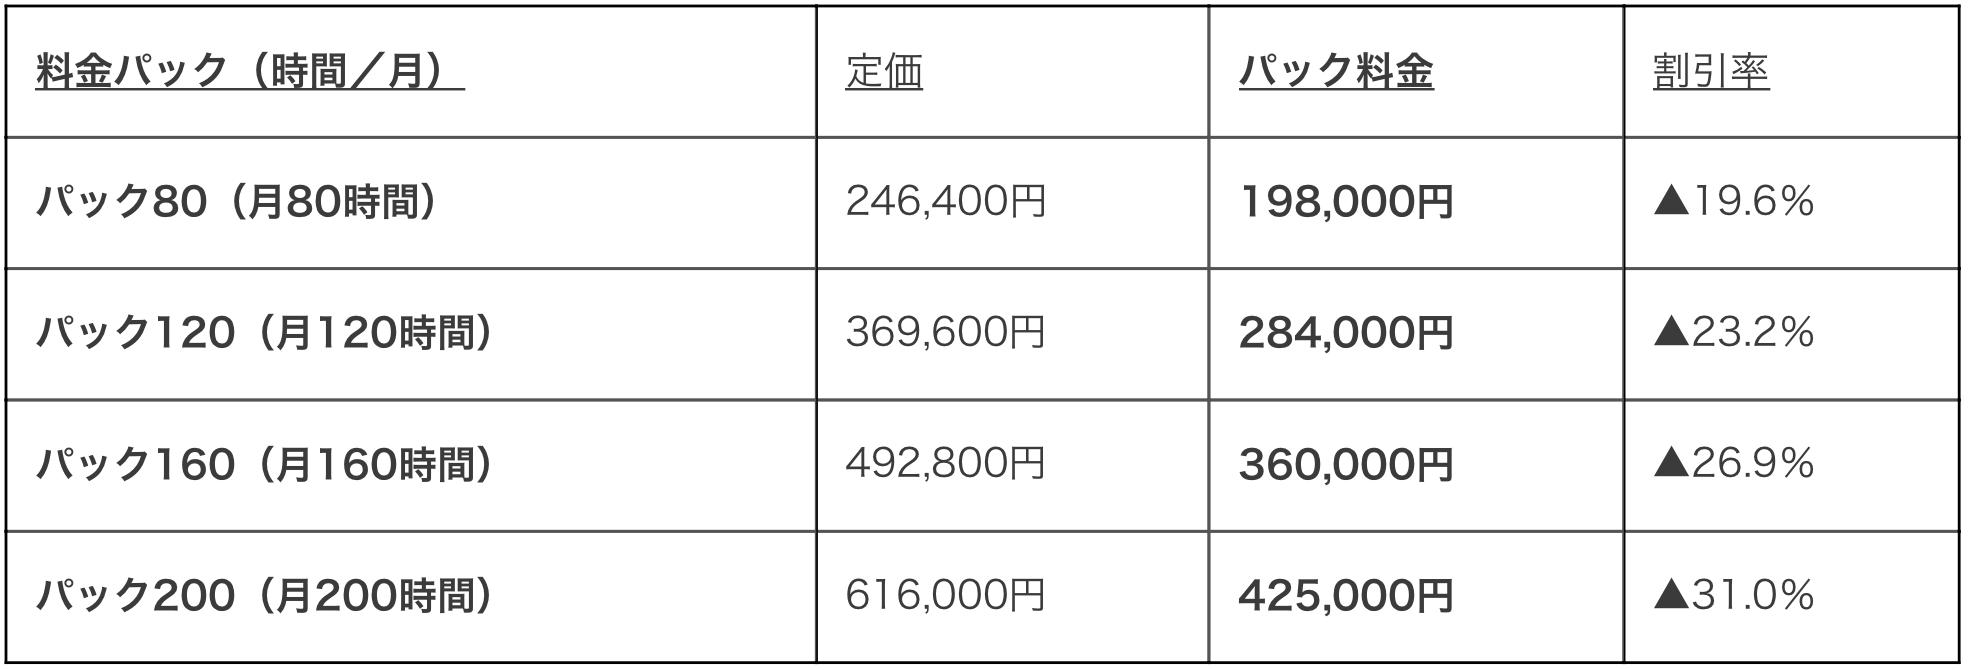 家事サポーターパック料金表